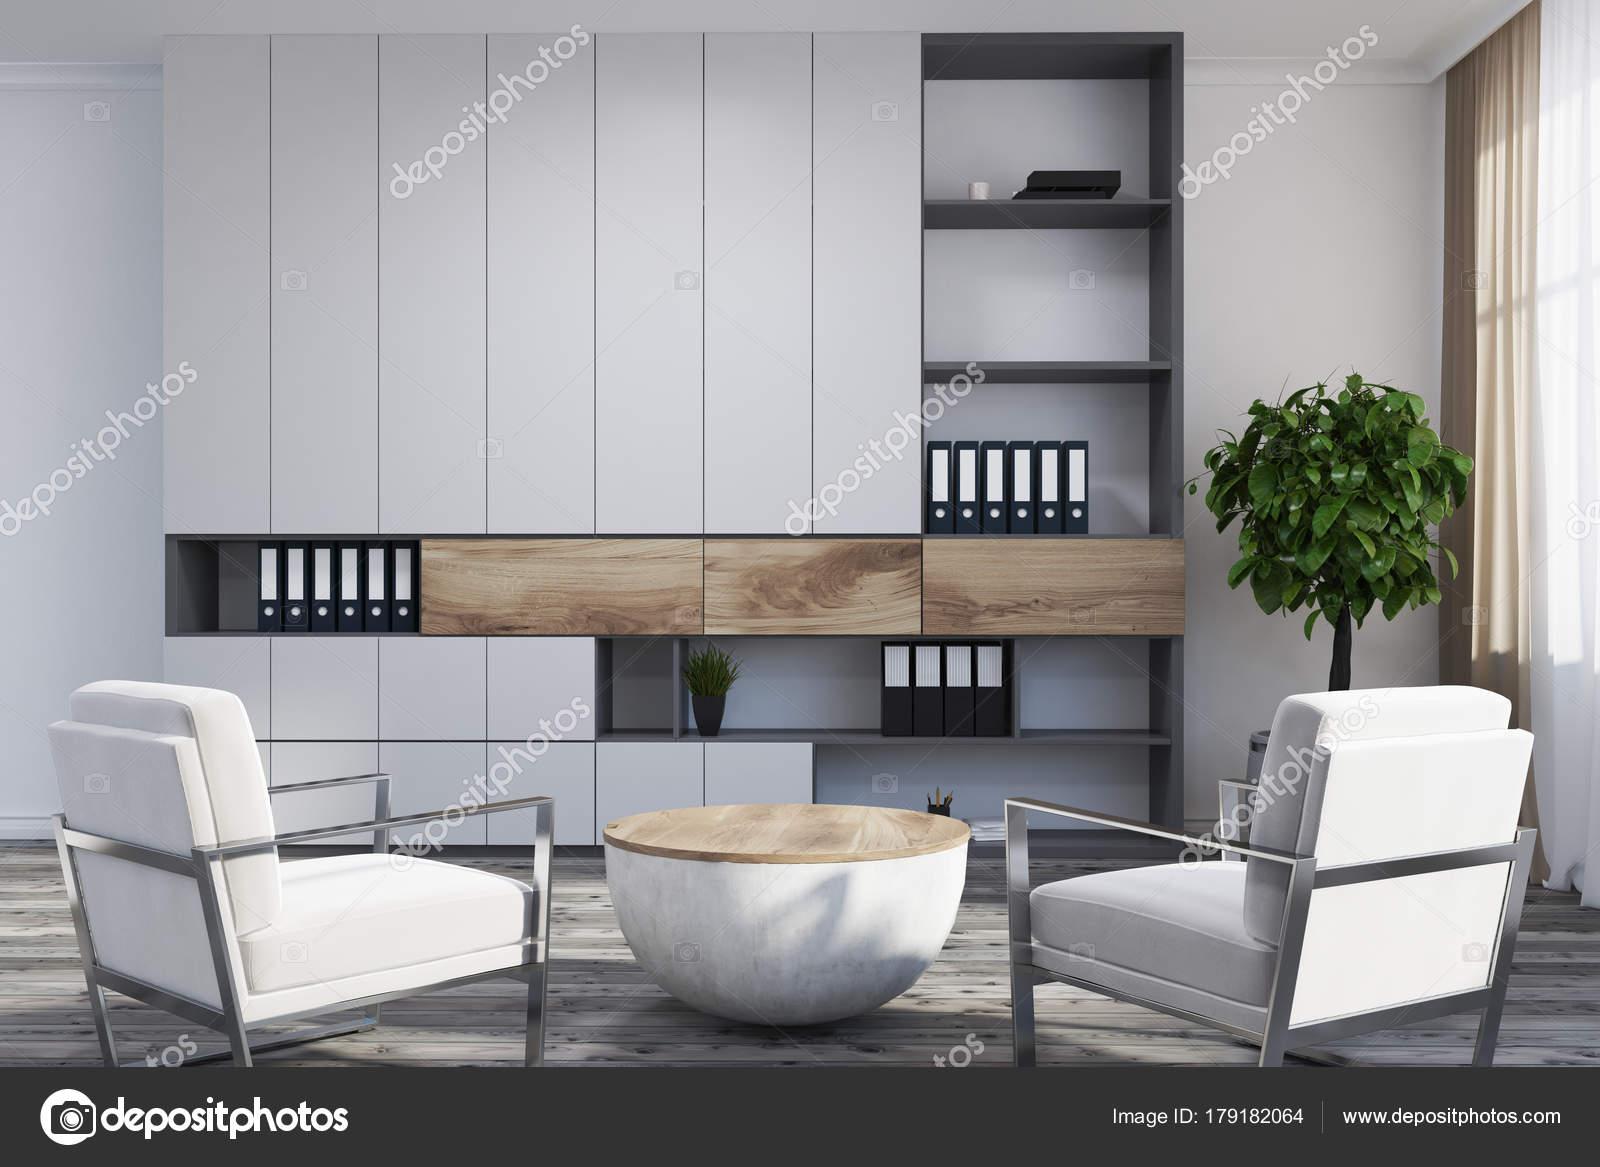 Poltrona Ufficio Bianco : Poltrone da ufficio bianco bianco di lusso u2014 foto stock